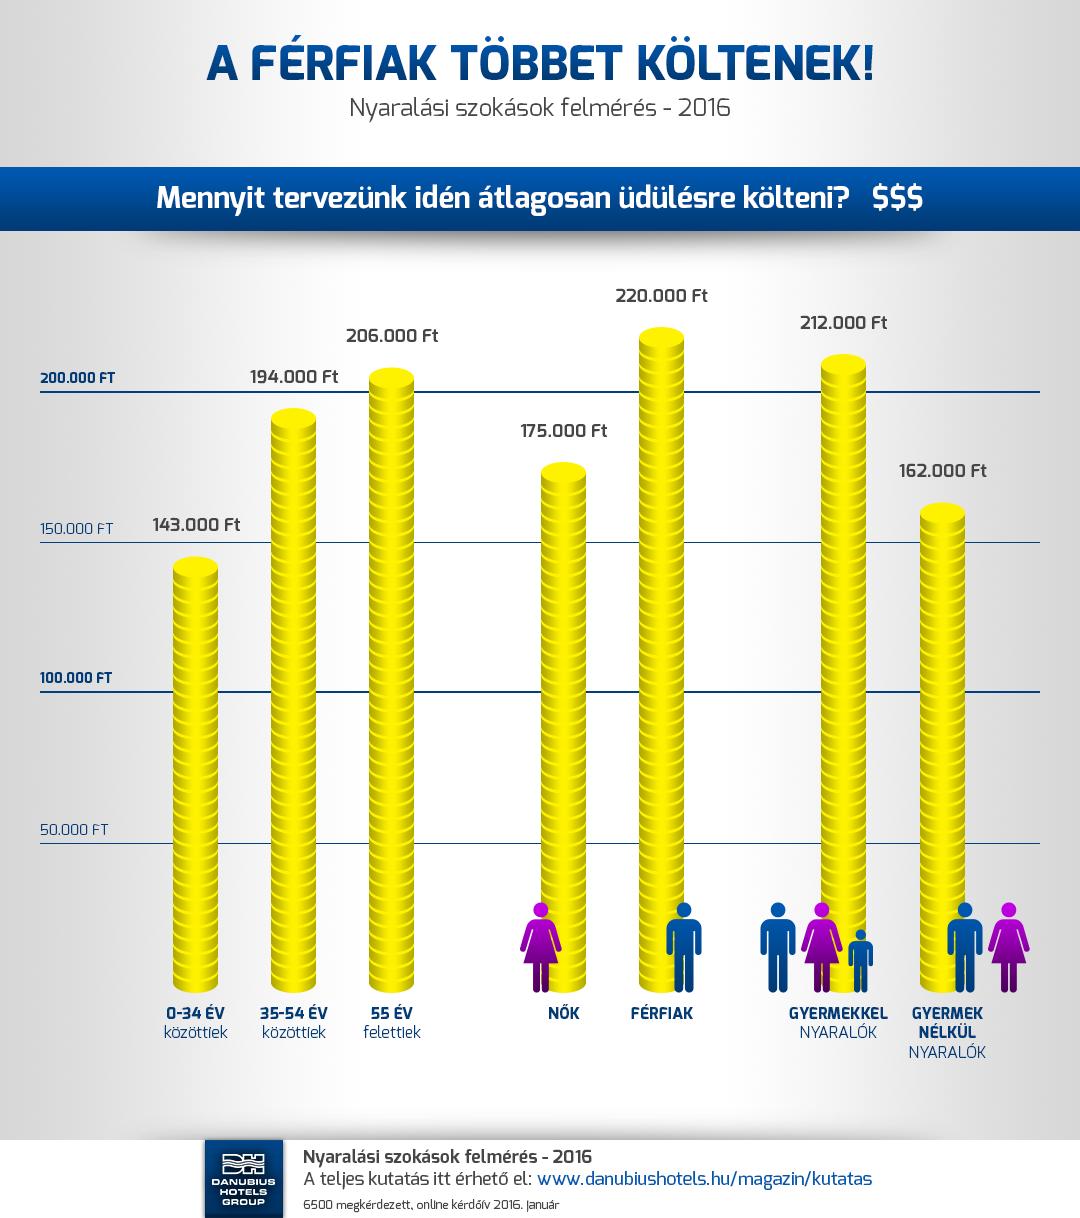 Nyaralási szokások felmérés - 2016 - A férfiak költenek többet